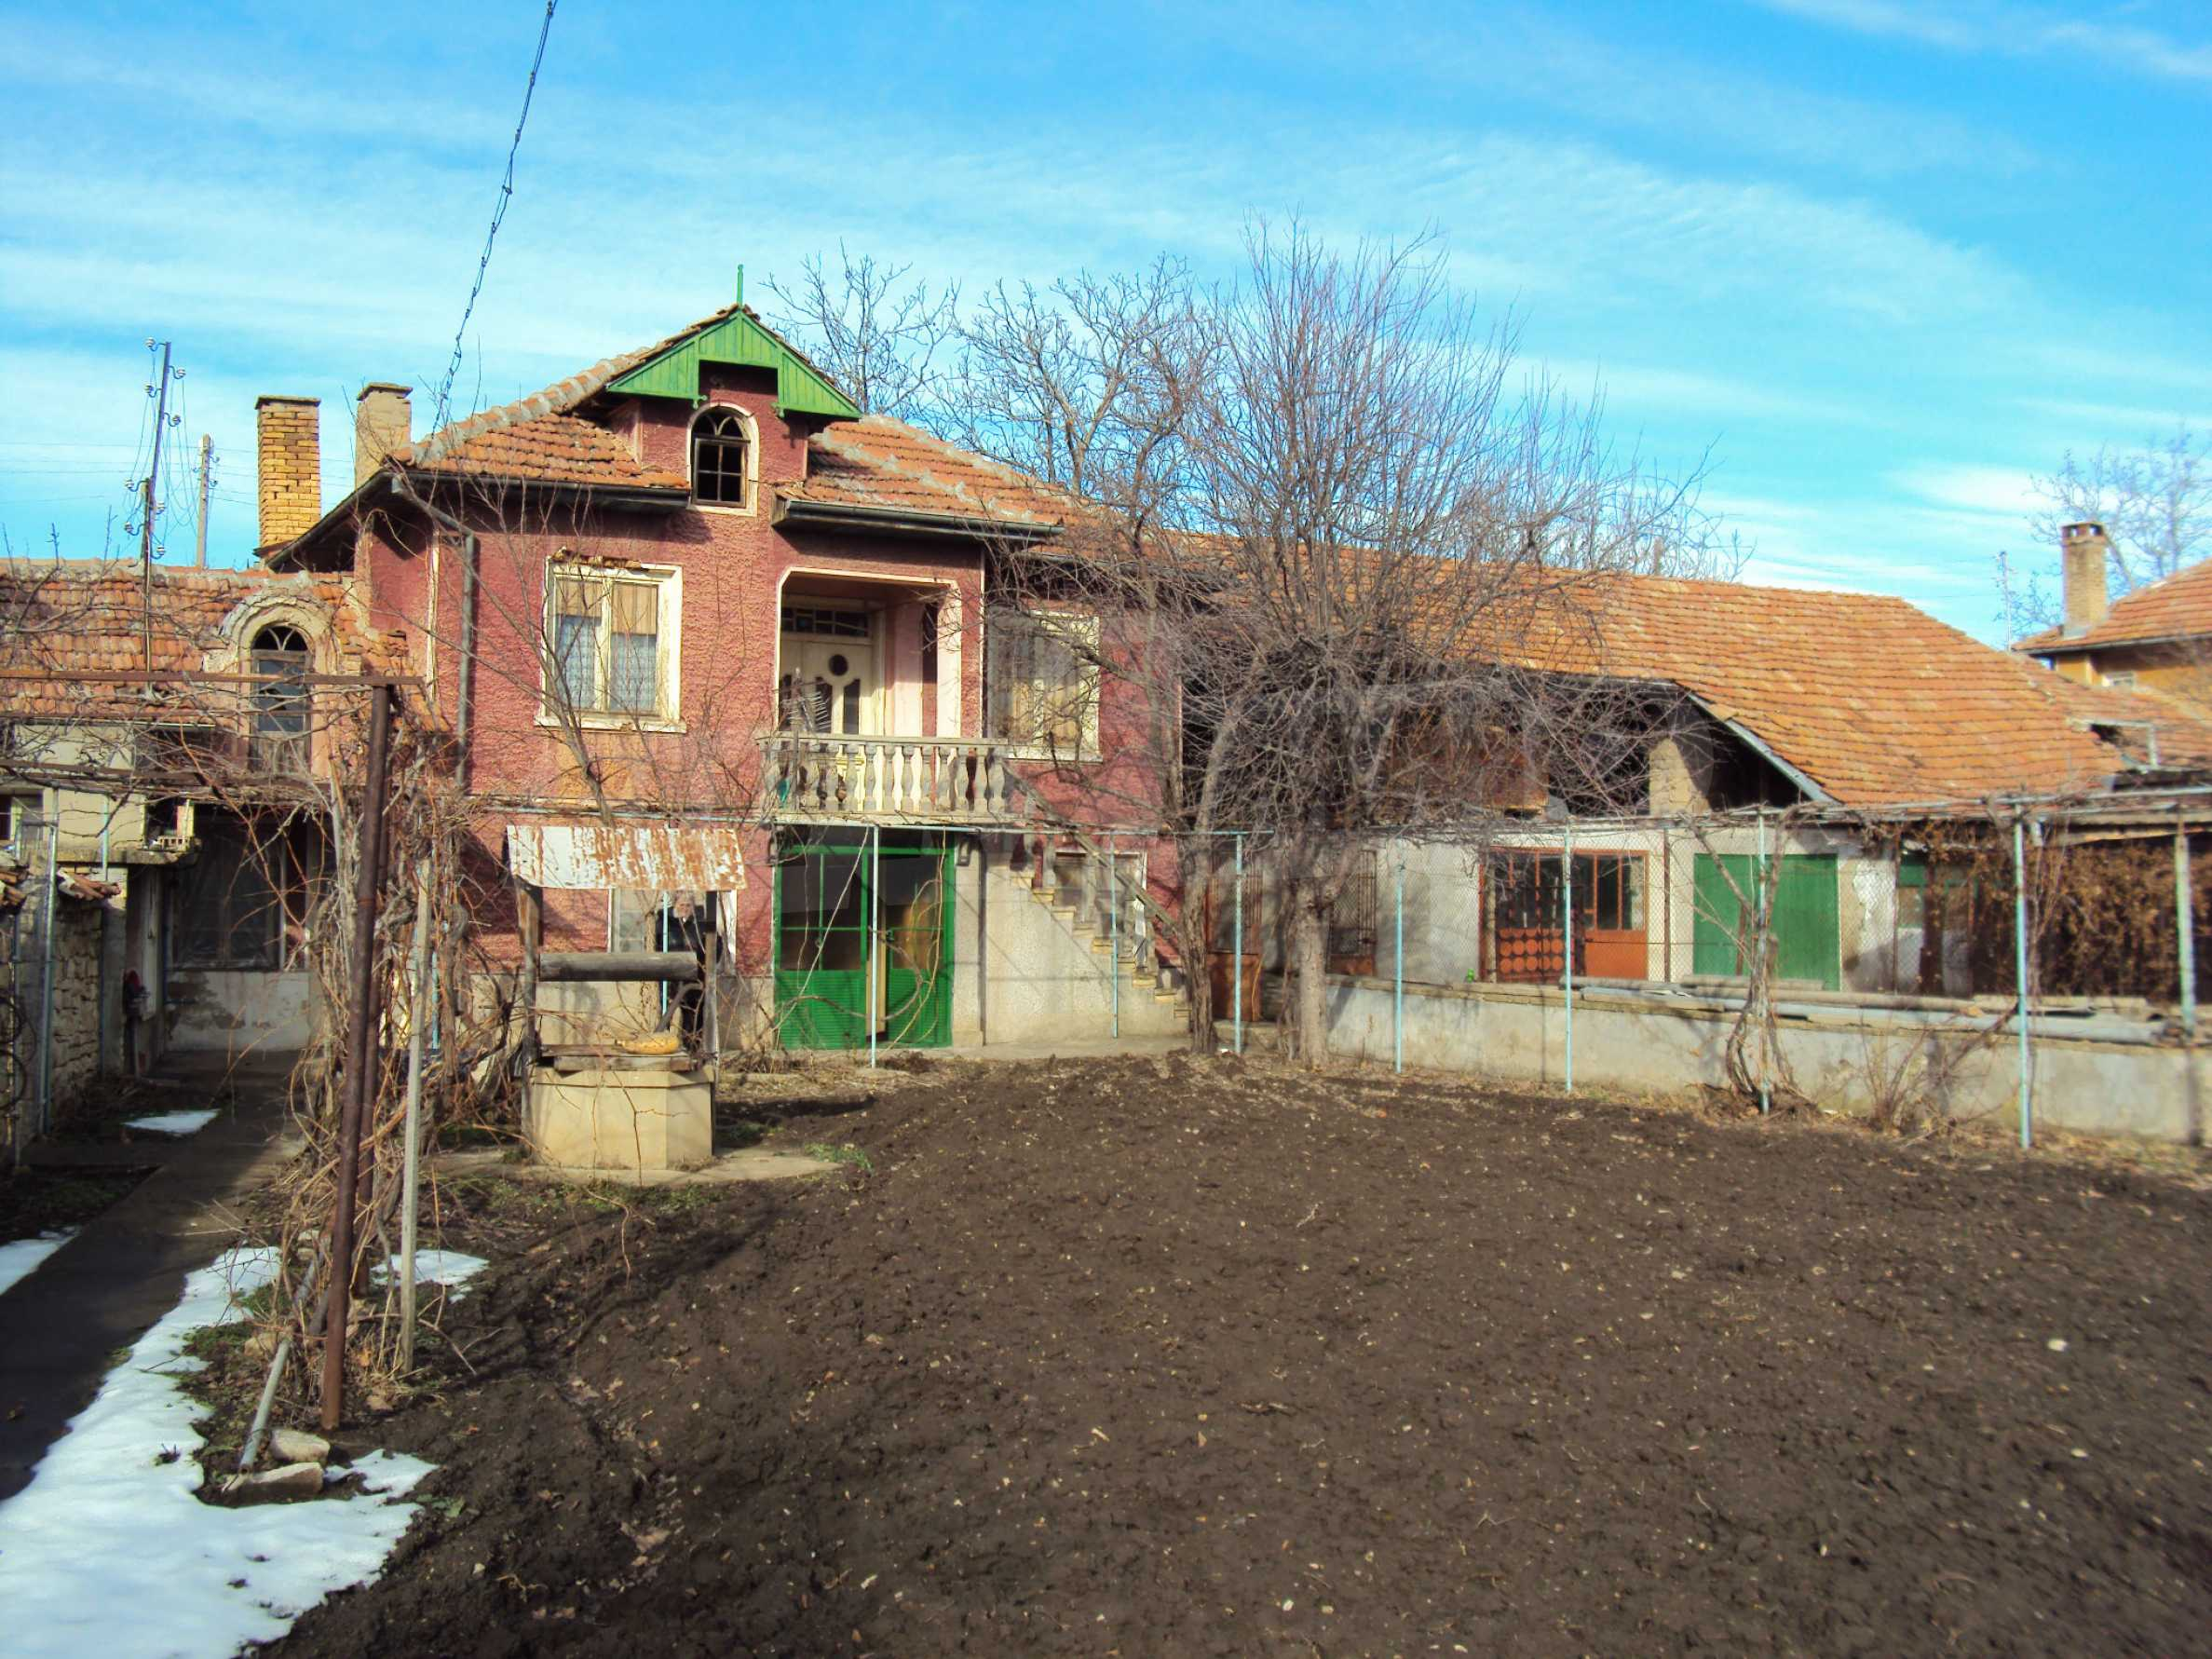 Immobilien in einem Dorf nur 12 km. von Polski Trambesh